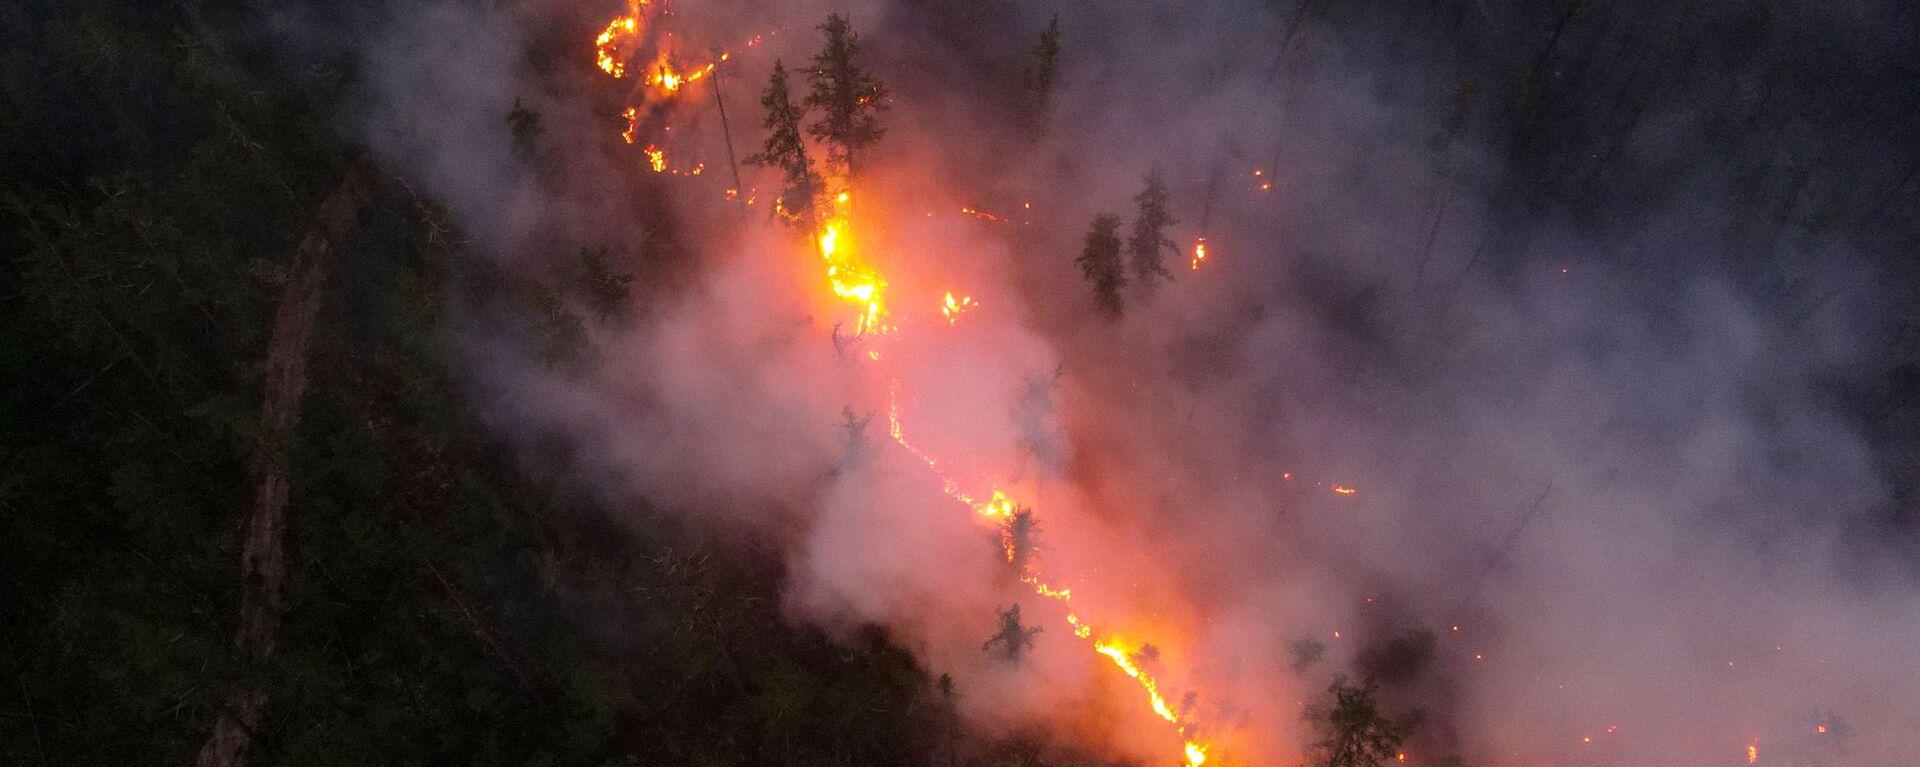 Pożary lasów w Jakucji - Sputnik Polska, 1920, 27.07.2021